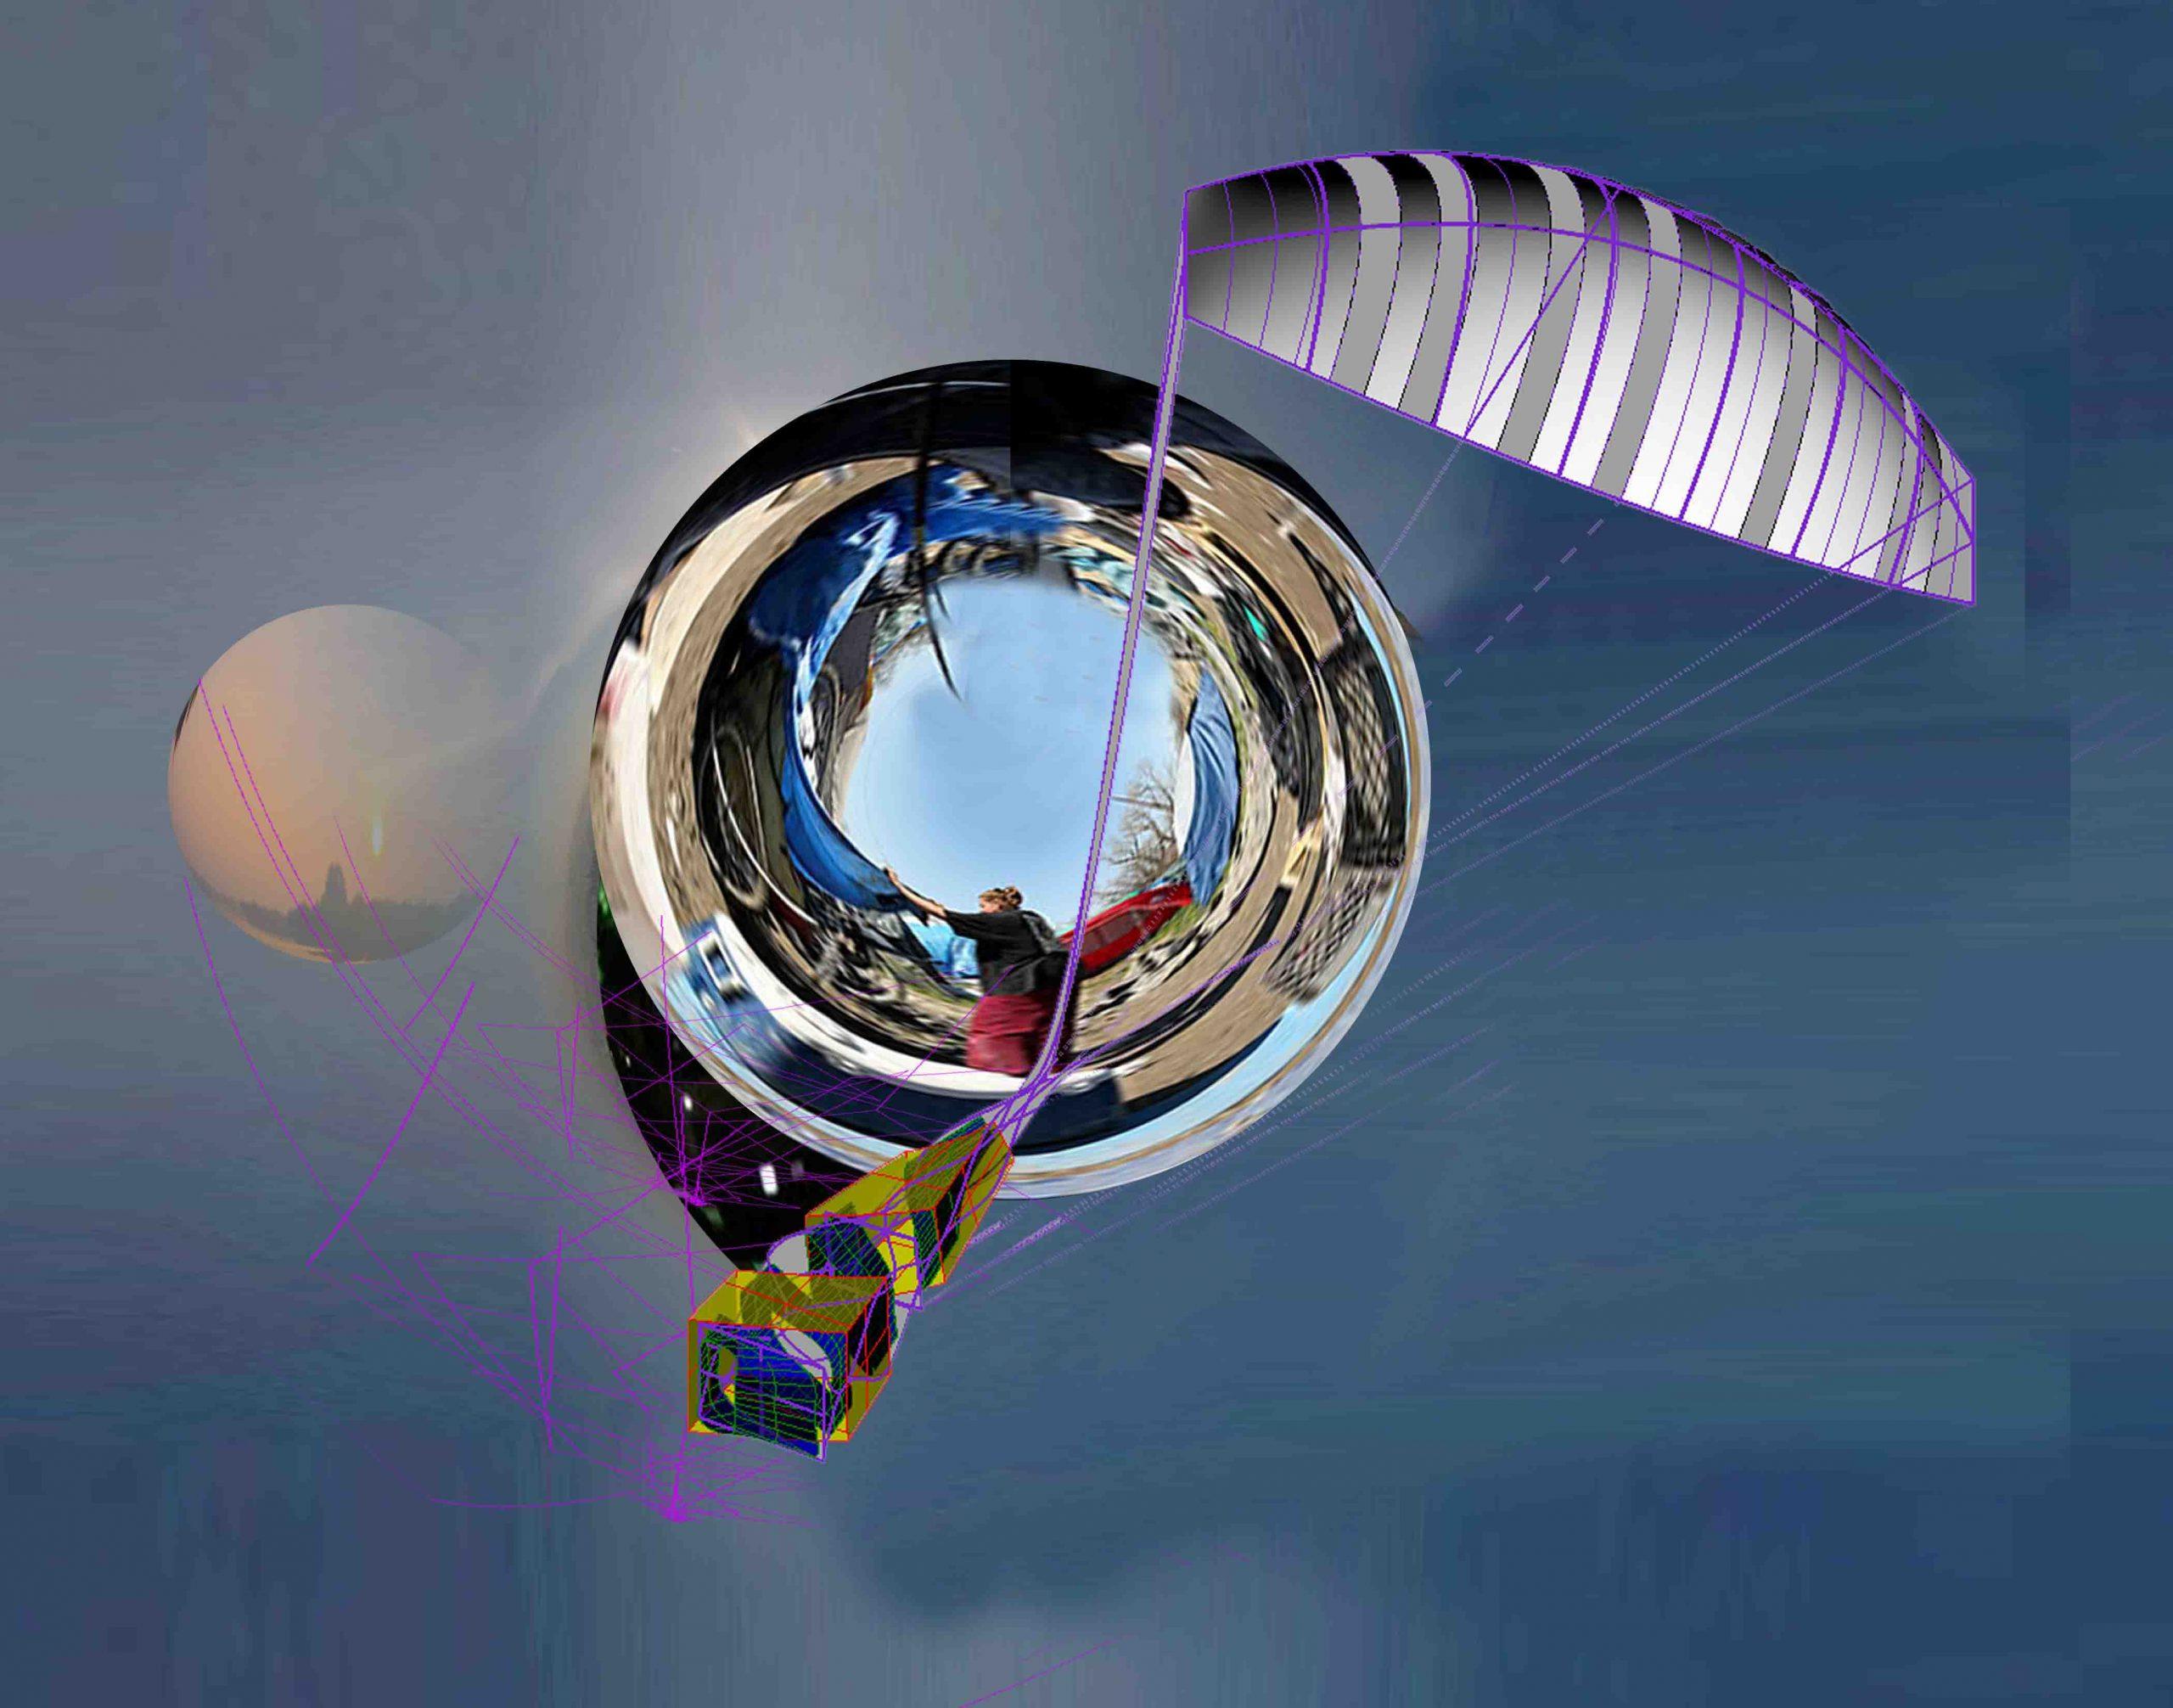 http://Kite%20Running%20Architecture